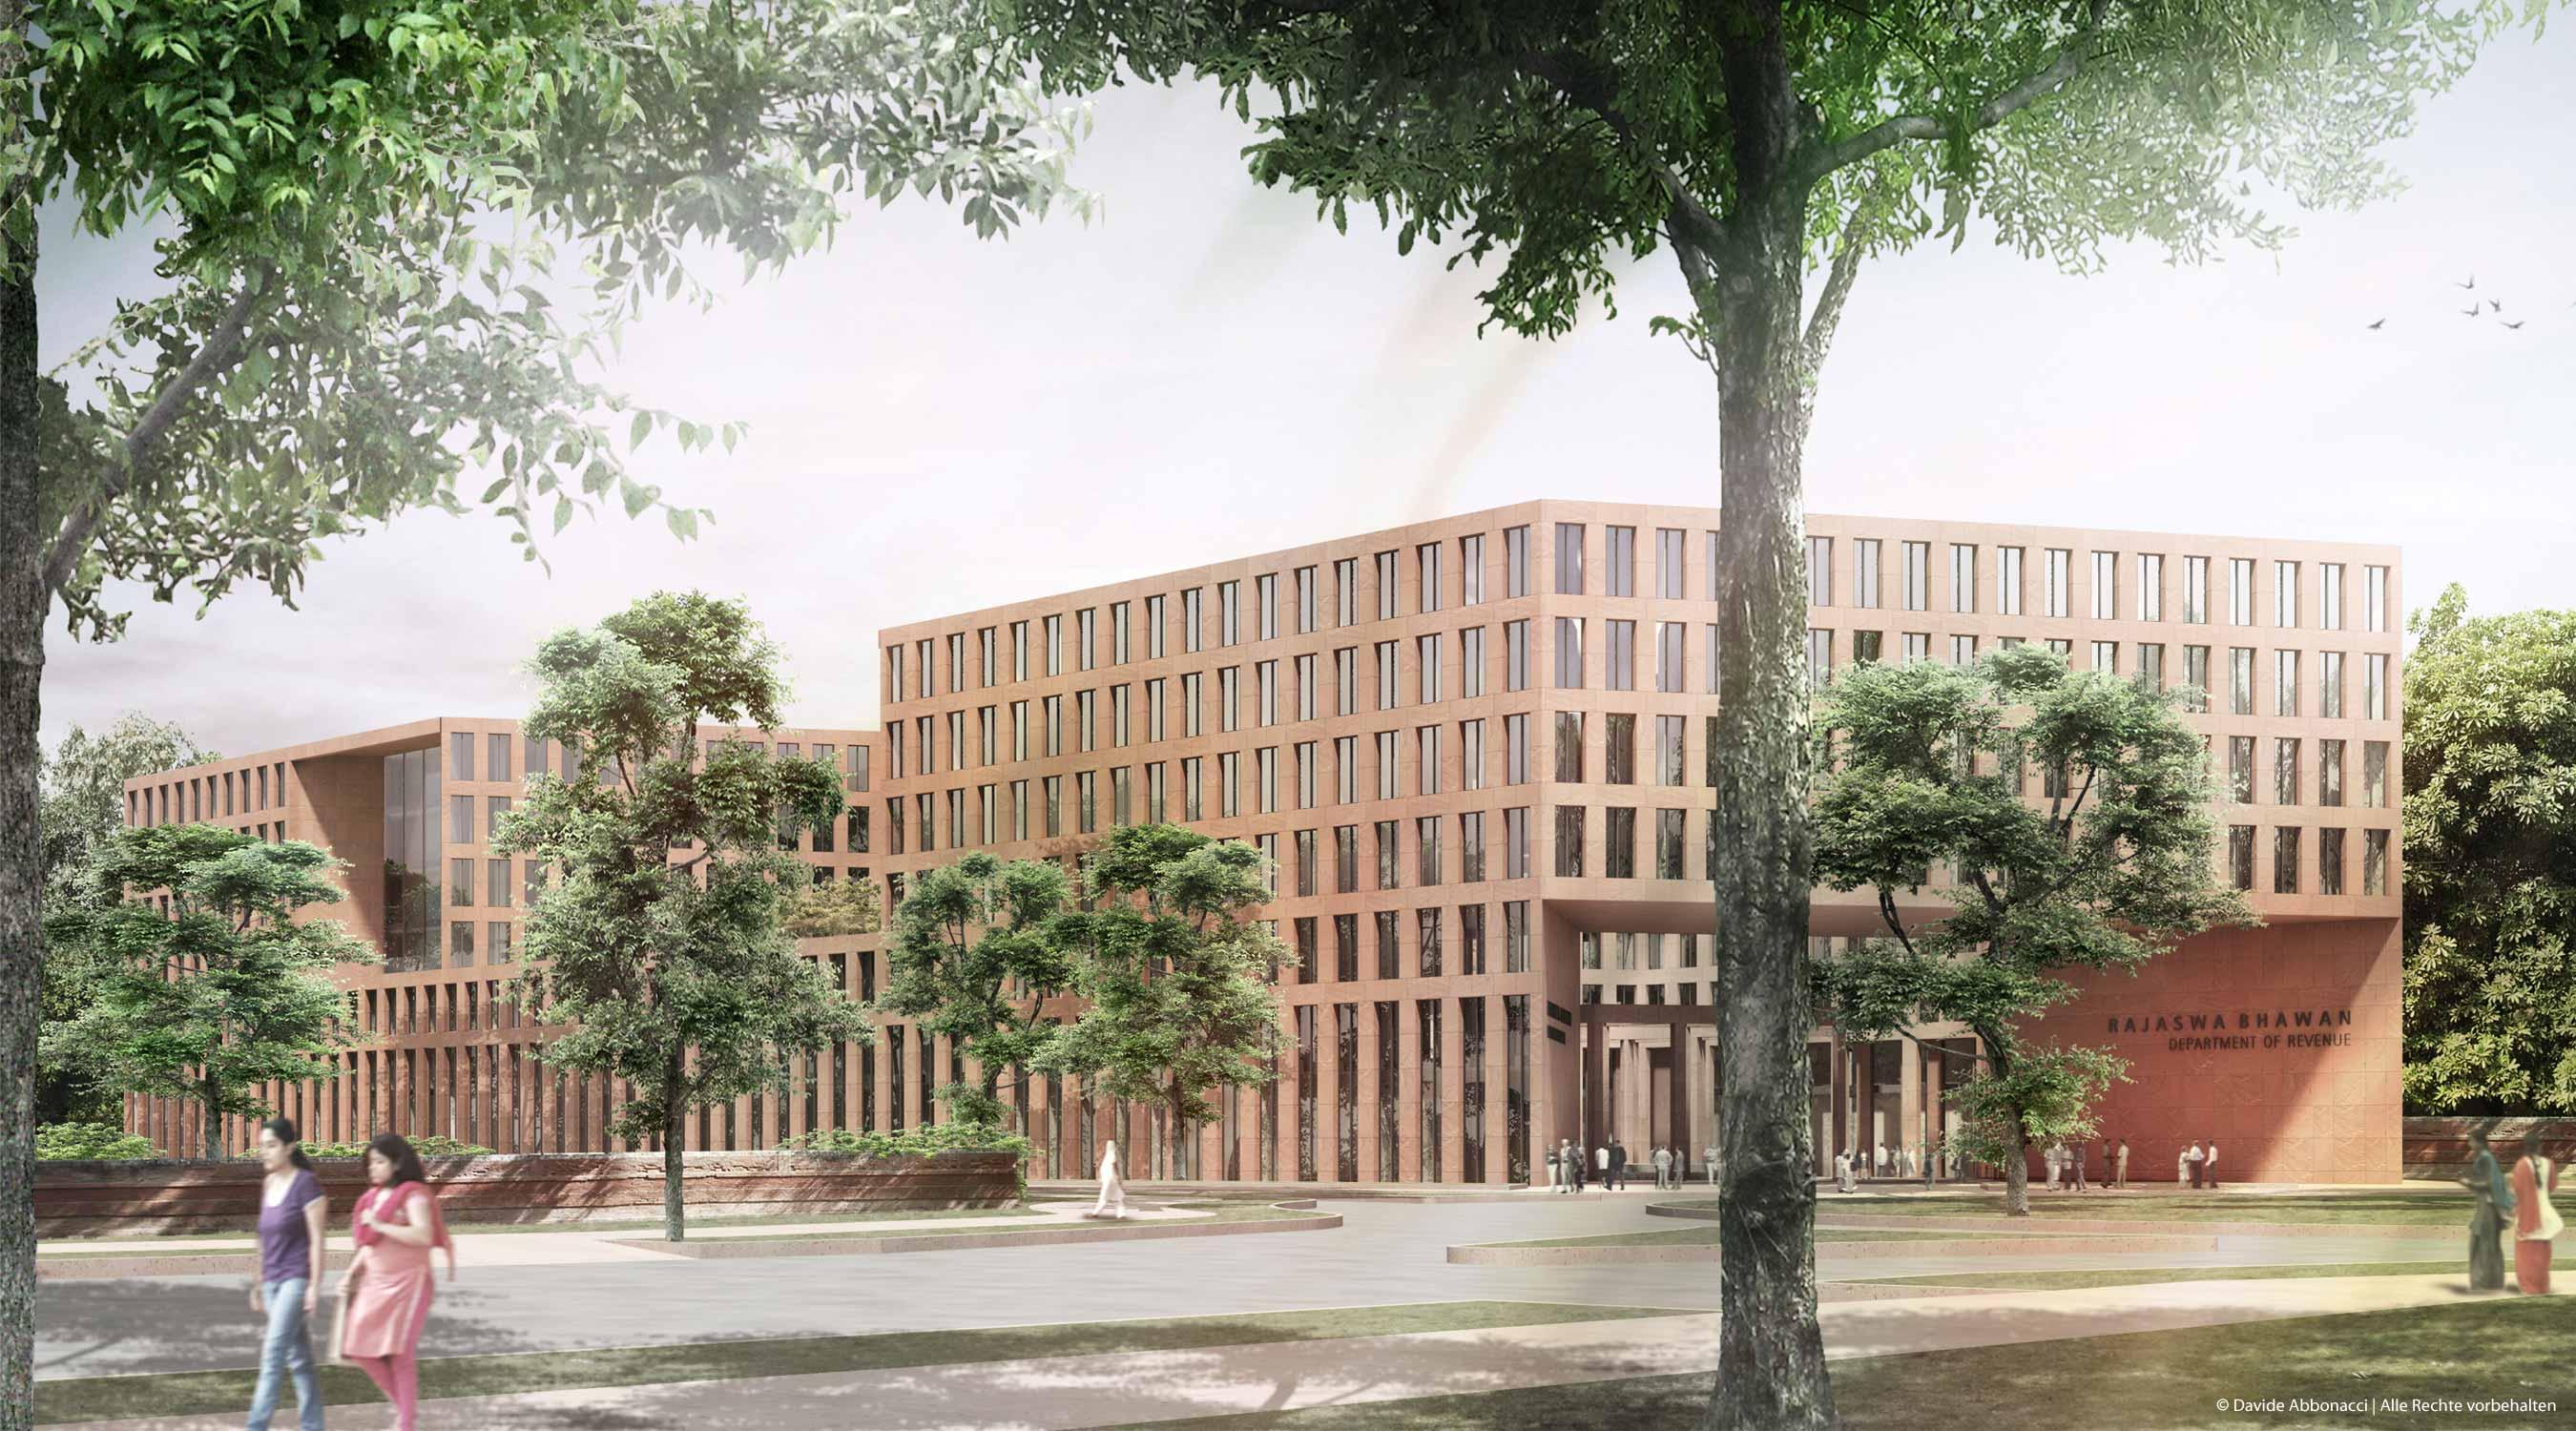 National Tax Headquarter, New Delhi, Indien | gmp Architekten von Gerkan, Marg und Partner | 2011 Wettbewerbsvisualisierung